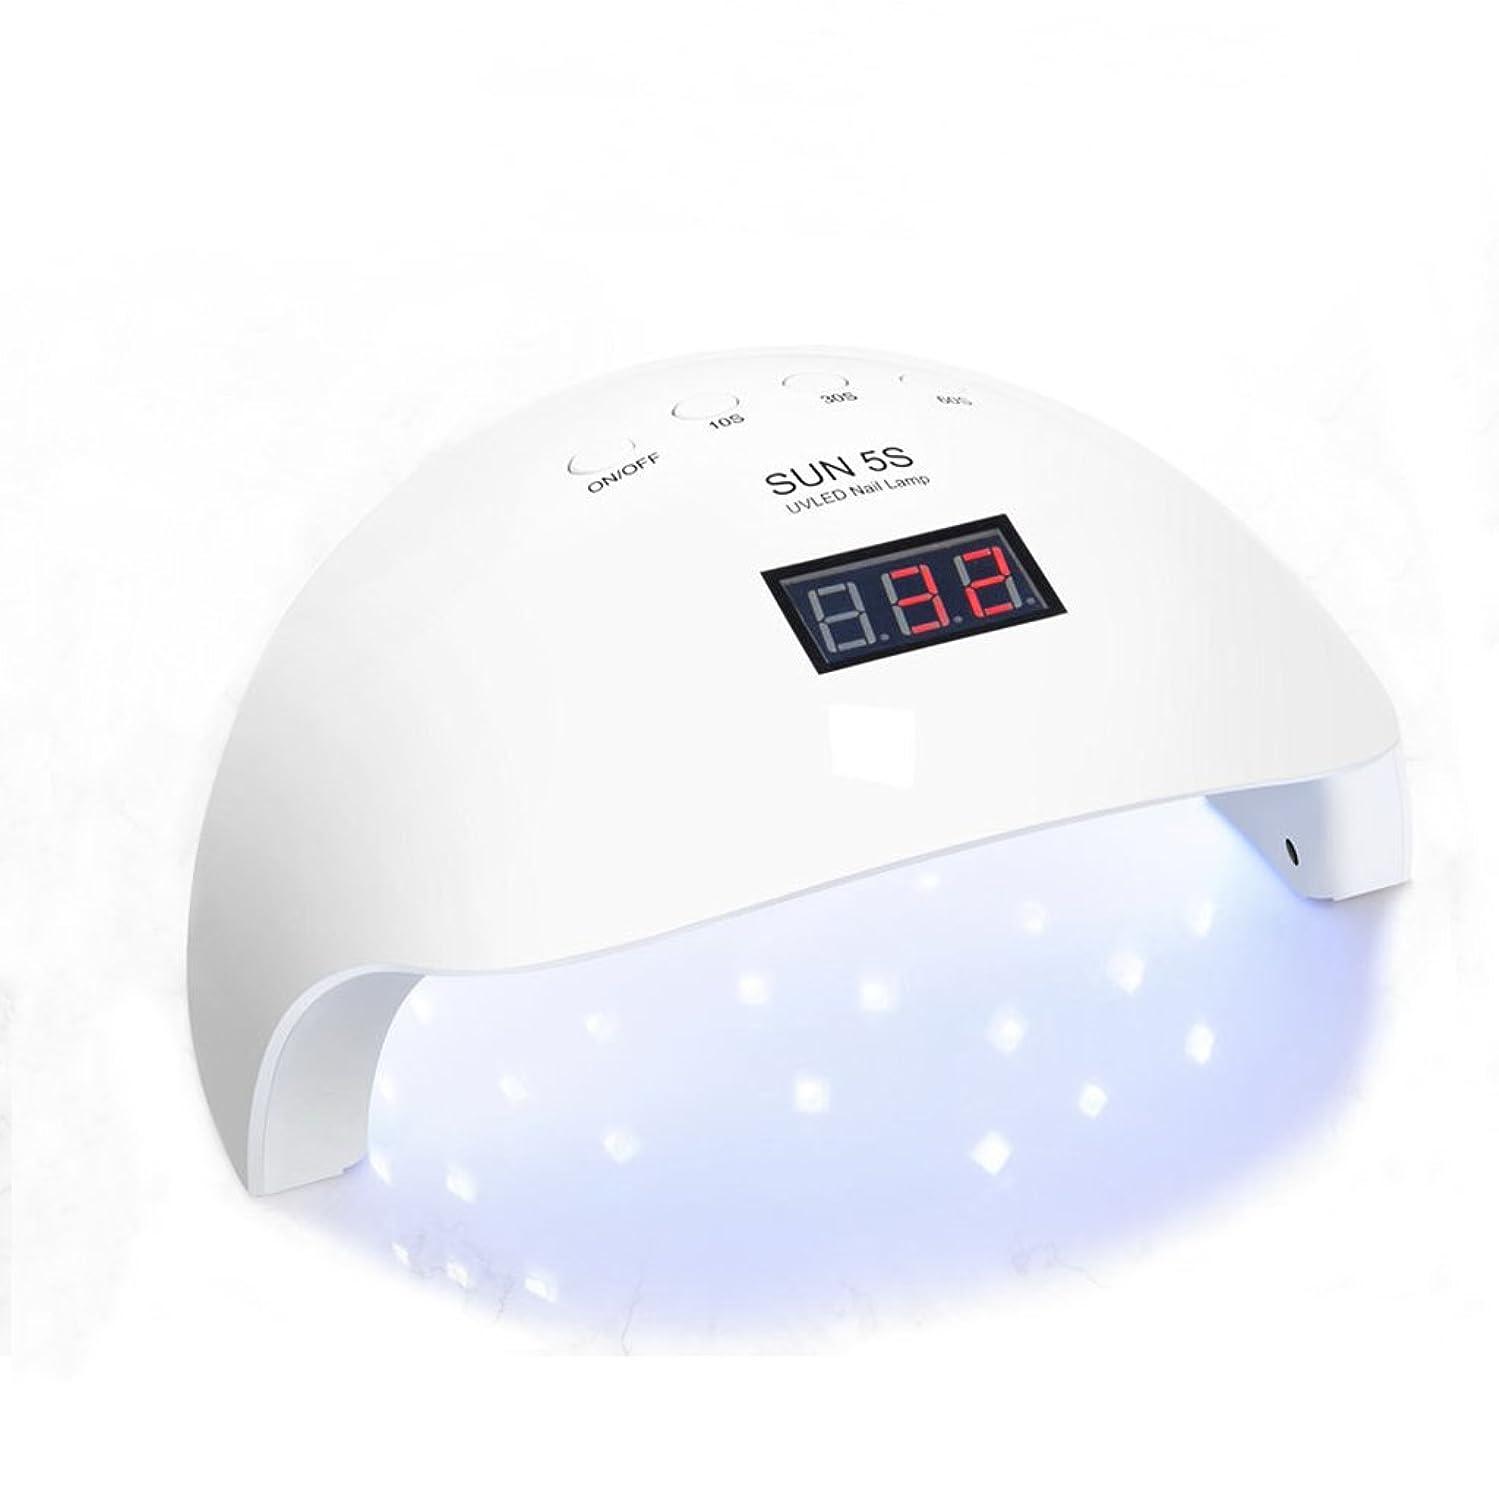 夕食を作る死ぬリーガン48WネイルランプLED爪と乾燥用の3つのタイマー設定(10秒/ 30秒/ 60秒)のゲルポリッシュ用UVプロフェッショナルネイルドライヤー